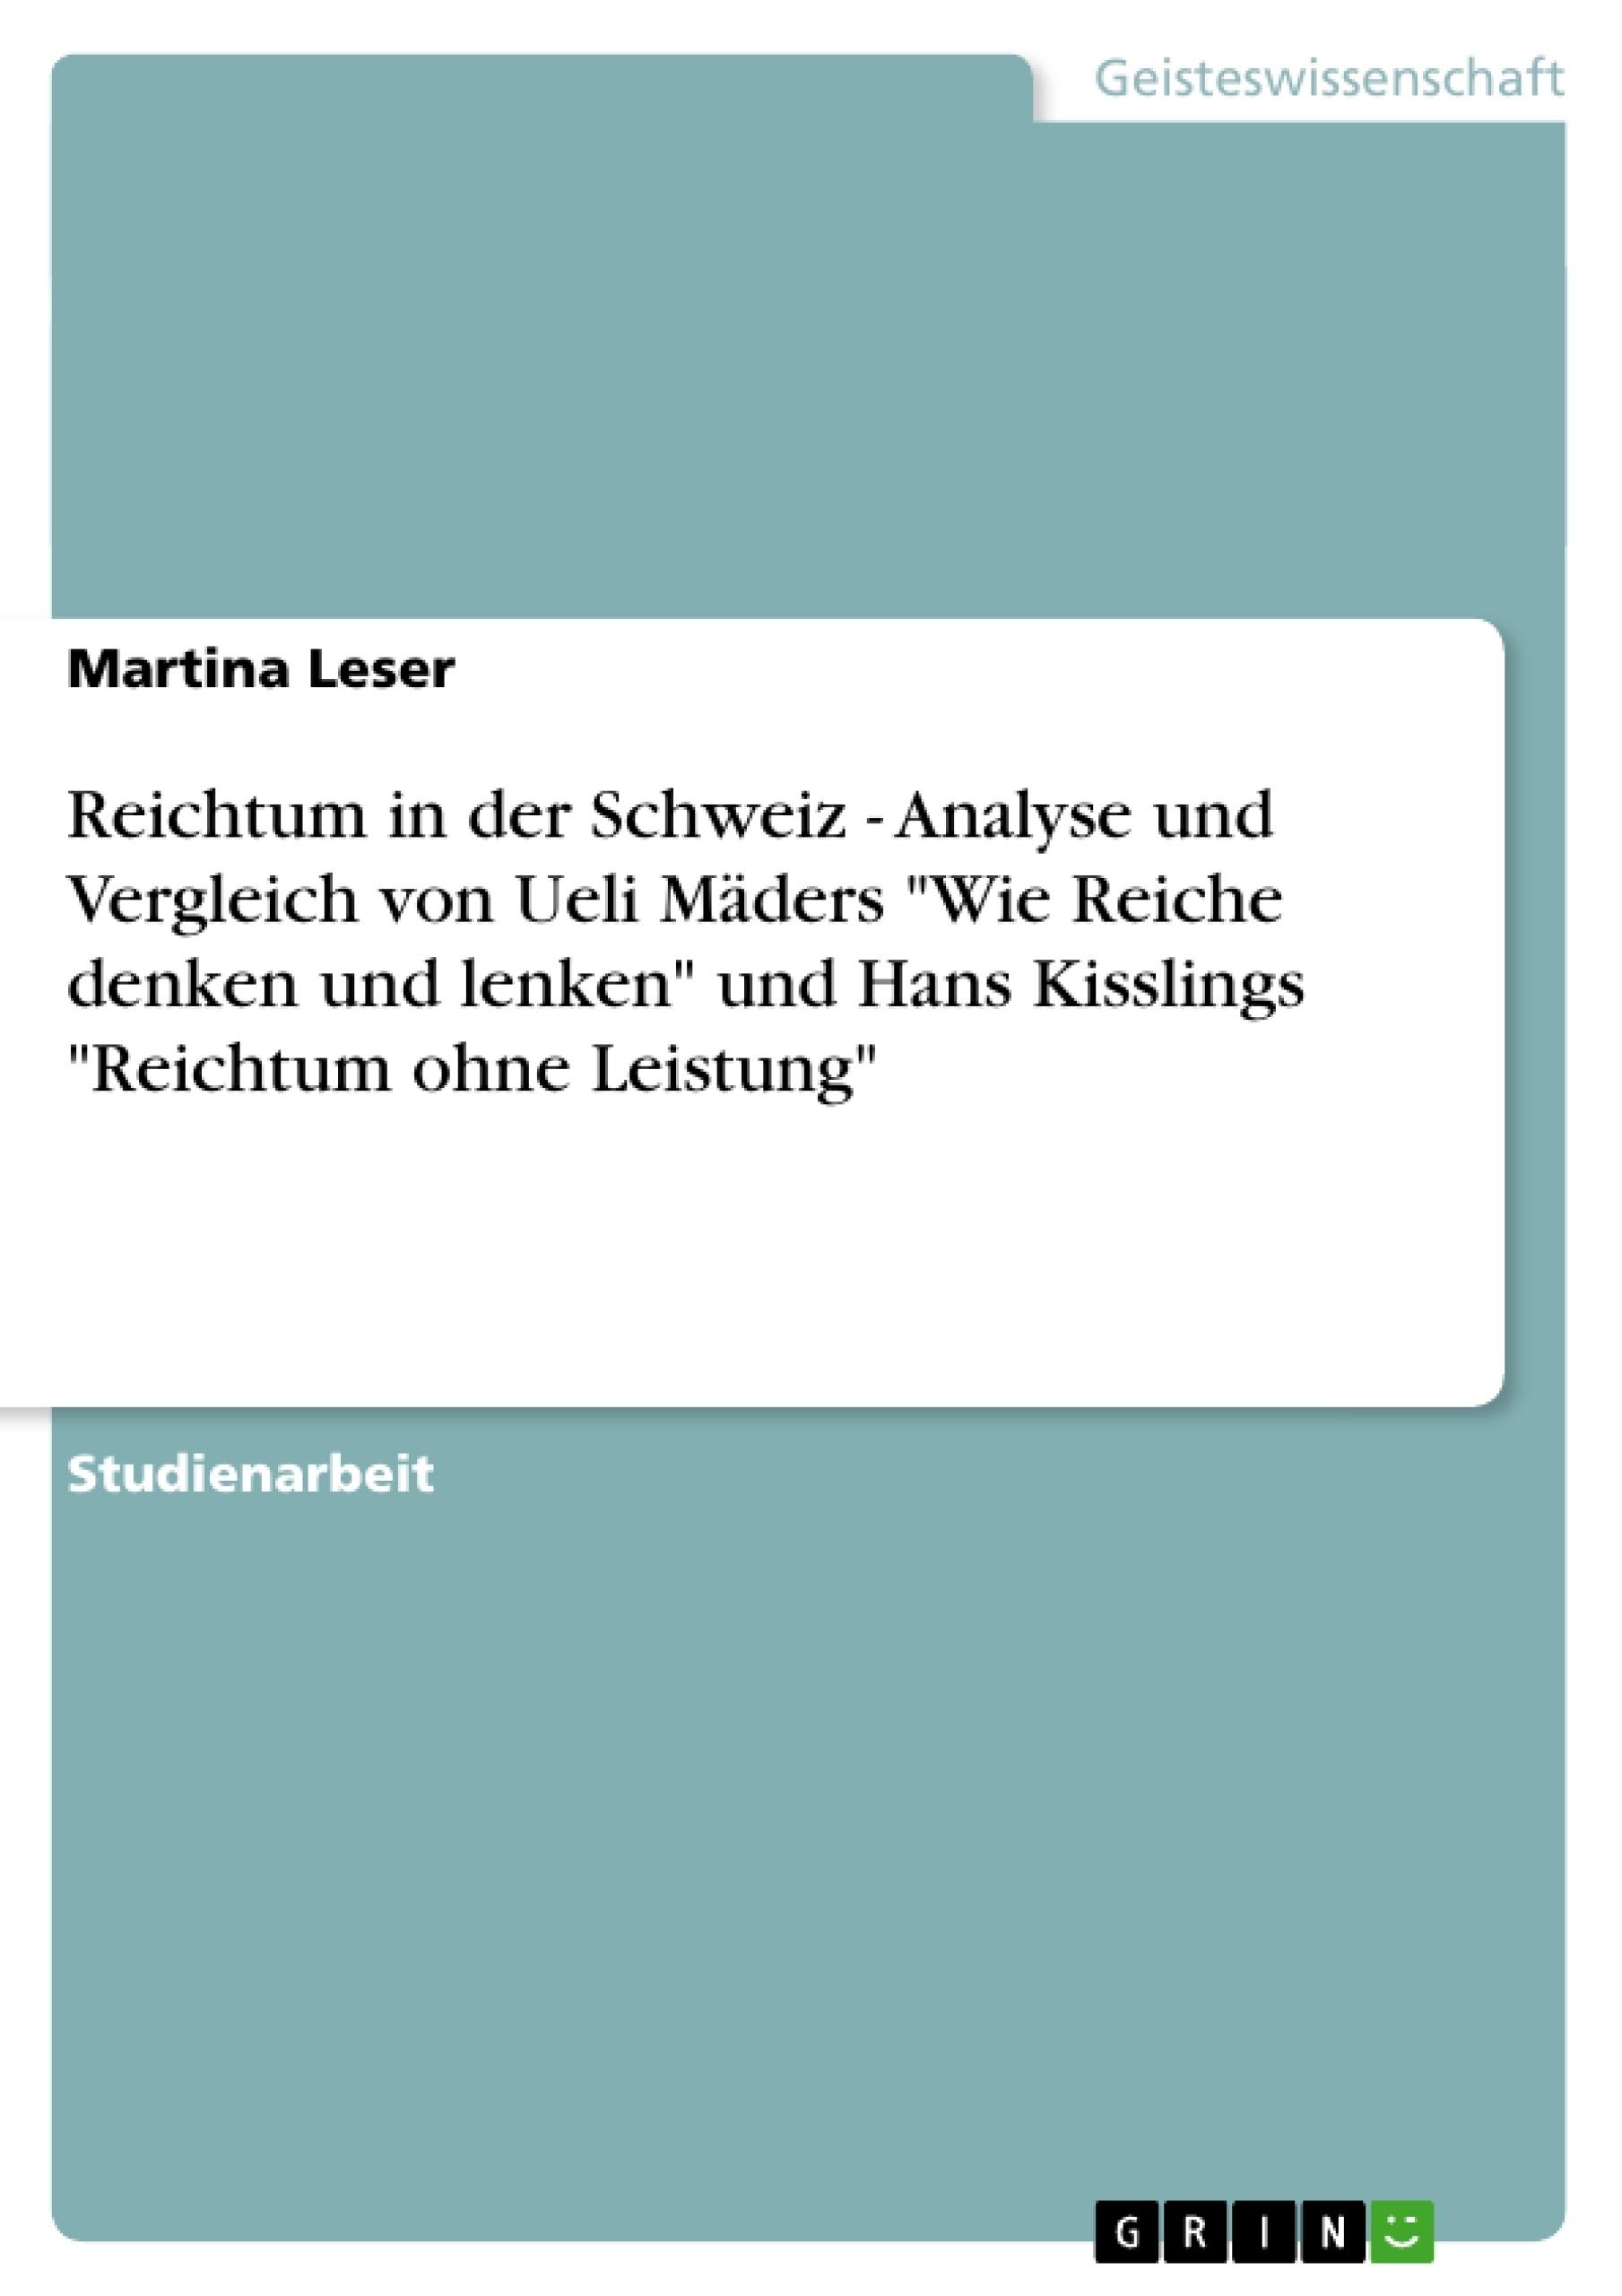 """Titel: Reichtum in der Schweiz - Analyse und Vergleich von Ueli Mäders """"Wie Reiche denken und lenken"""" und Hans Kisslings """"Reichtum ohne Leistung"""""""